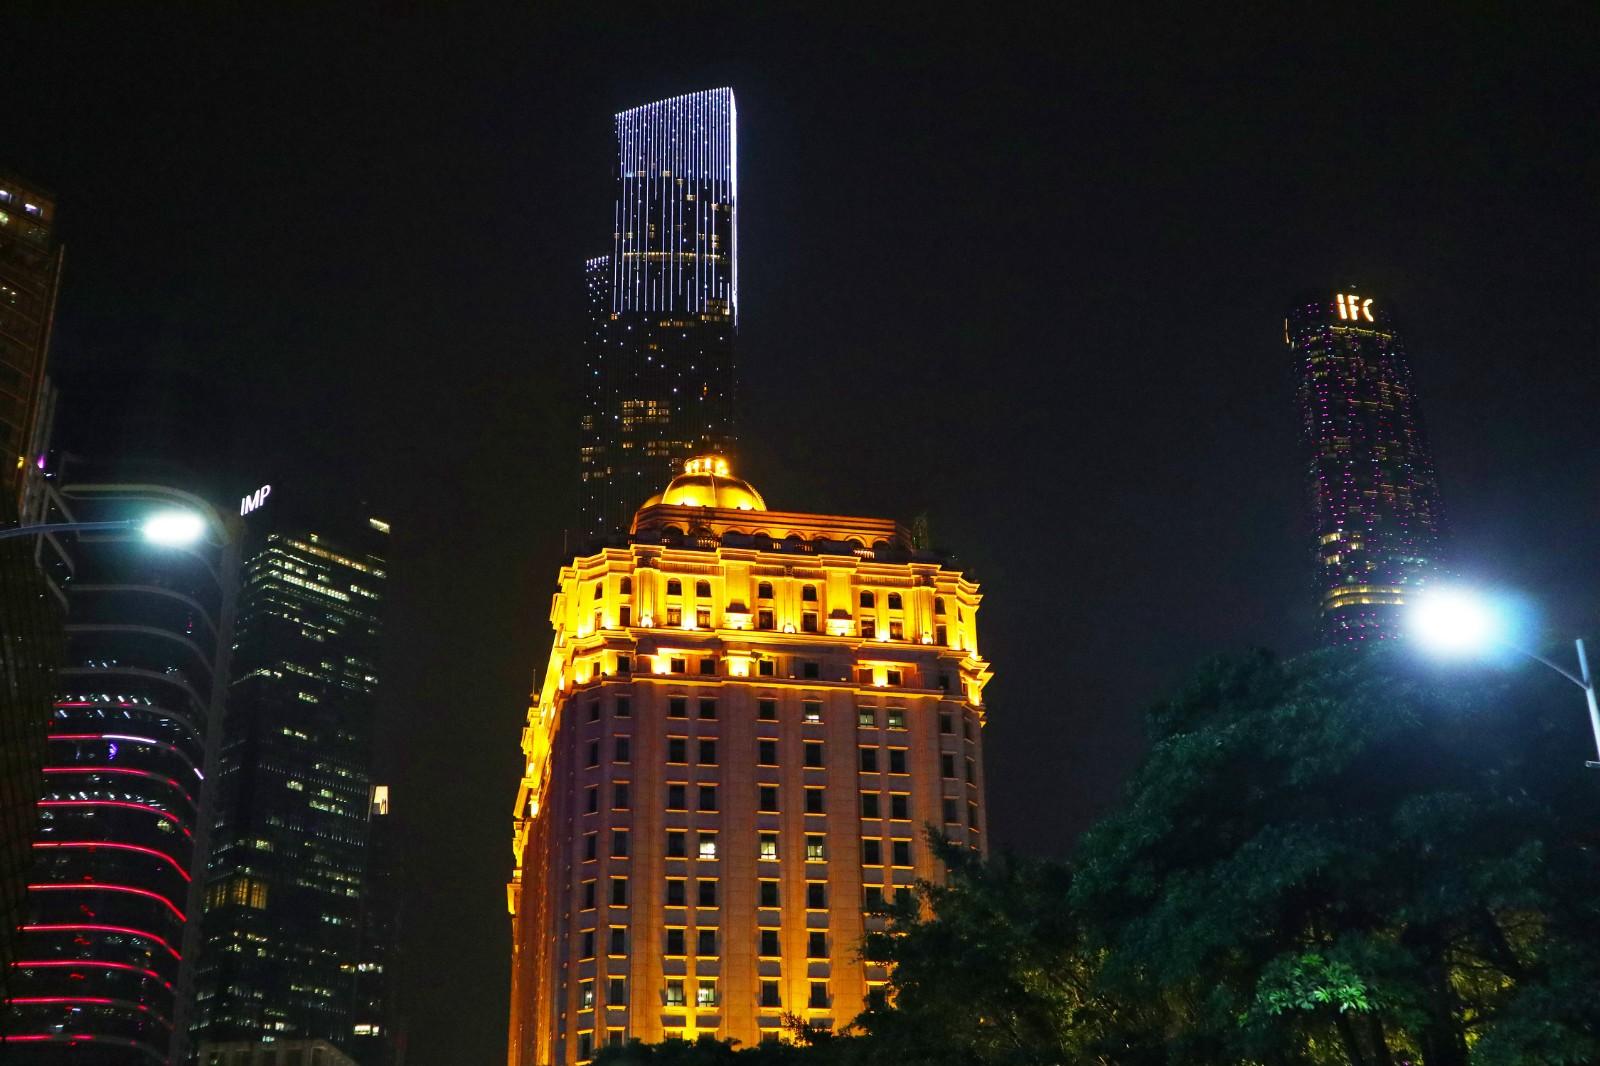 天津市代办公司企业营业执照共享股权转让中的至关重要的问题